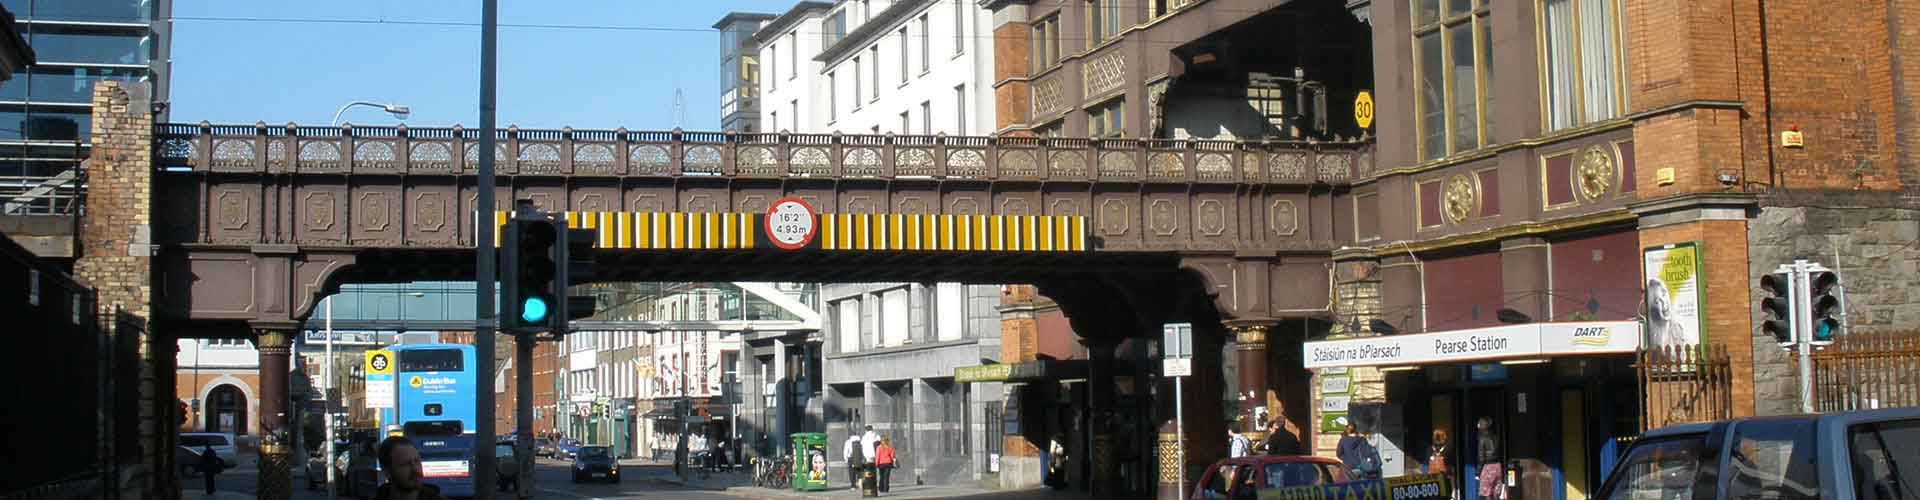 Dublino – Campeggi vicini a Dublin Pearse stazione ferroviaria. Mappe per Dublino, Foto e  Recensioni per ogni Campeggio a Dublino.